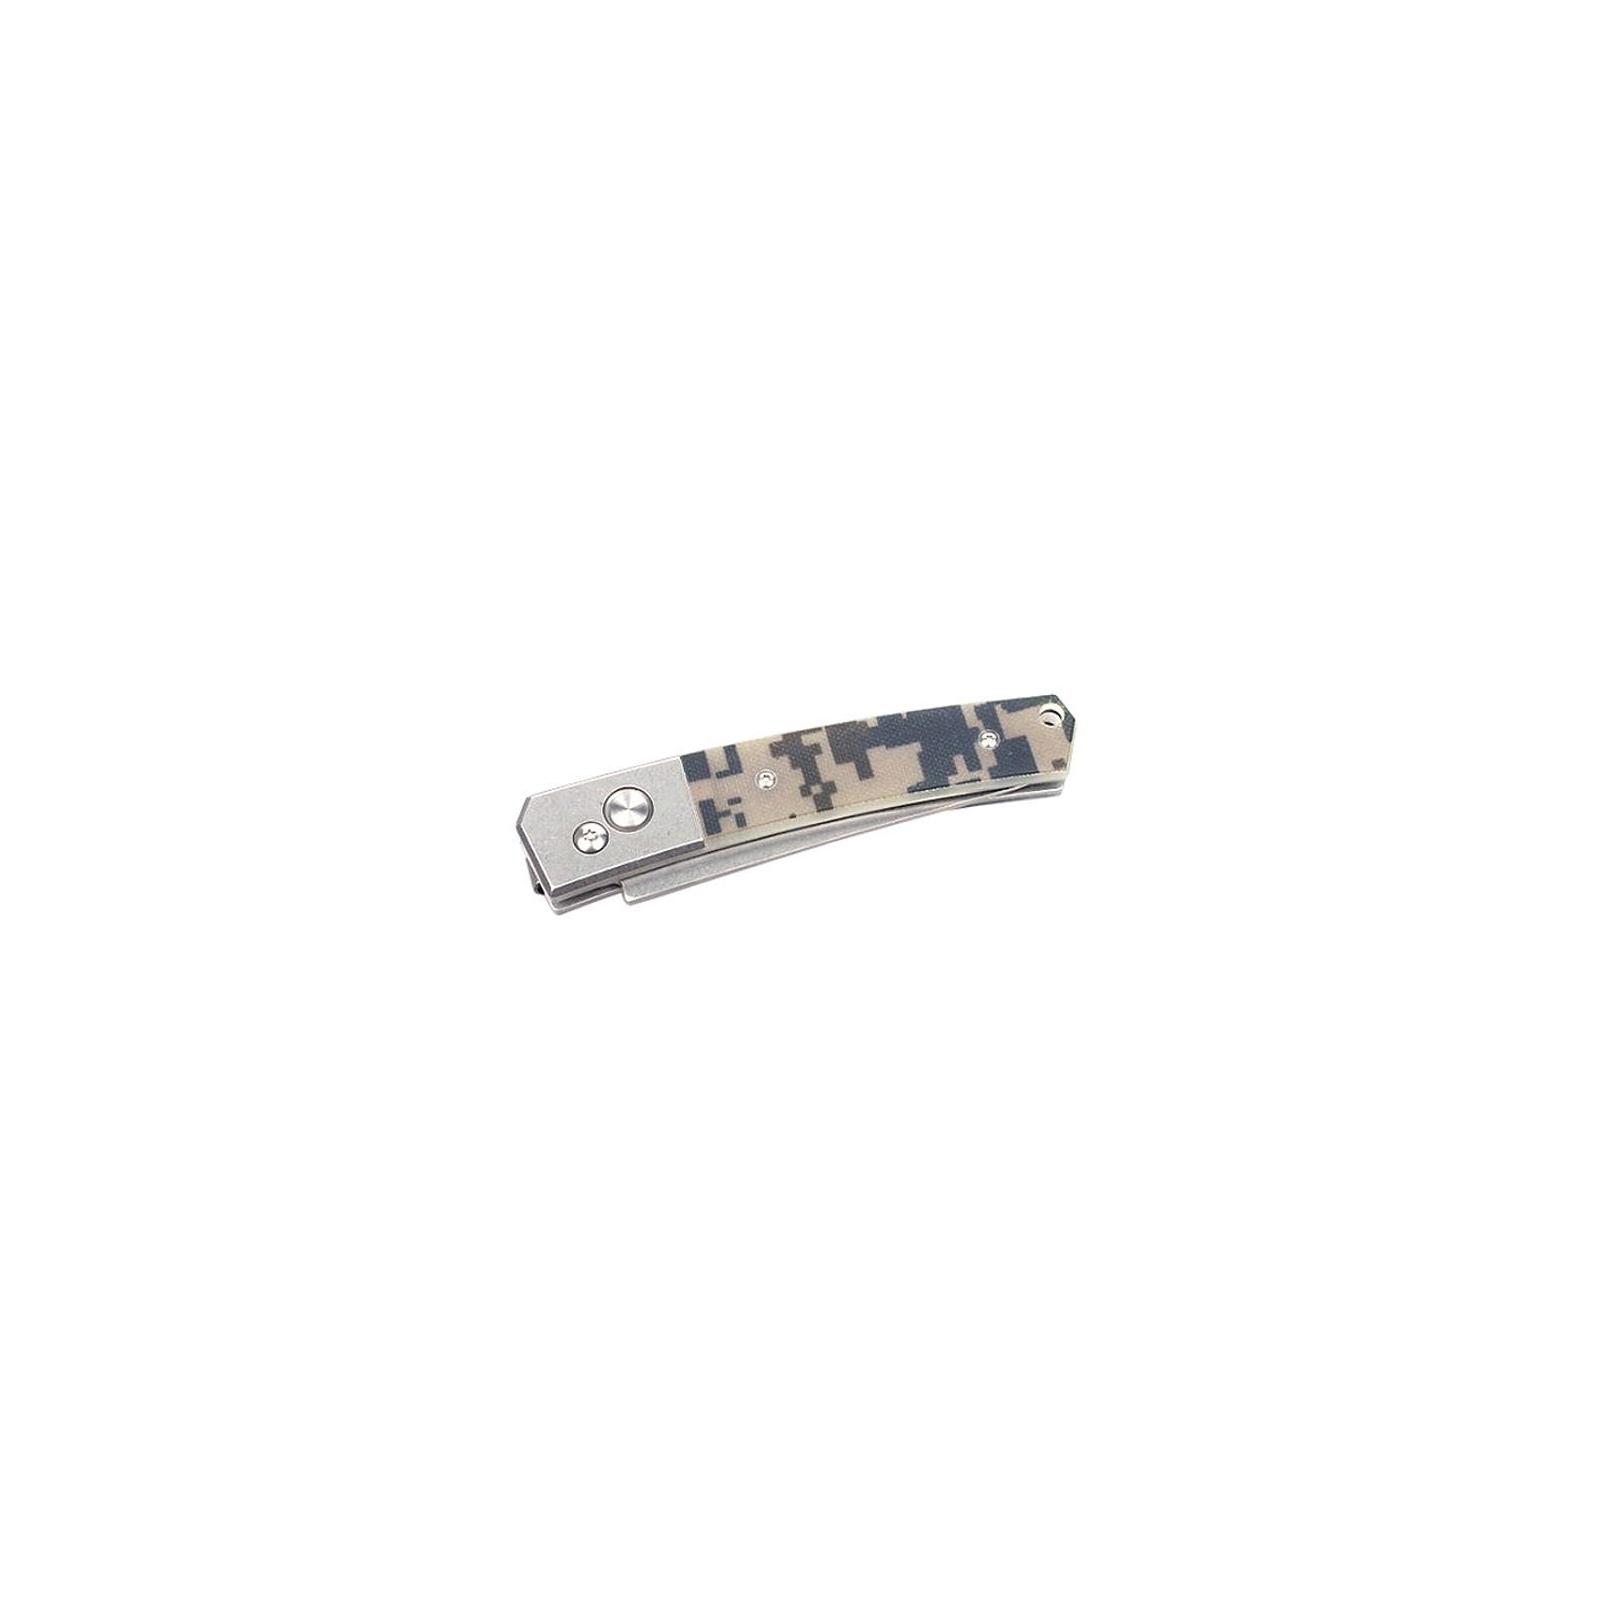 Нож Ganzo G7362-CA камуфляж (G7362-CA) изображение 3